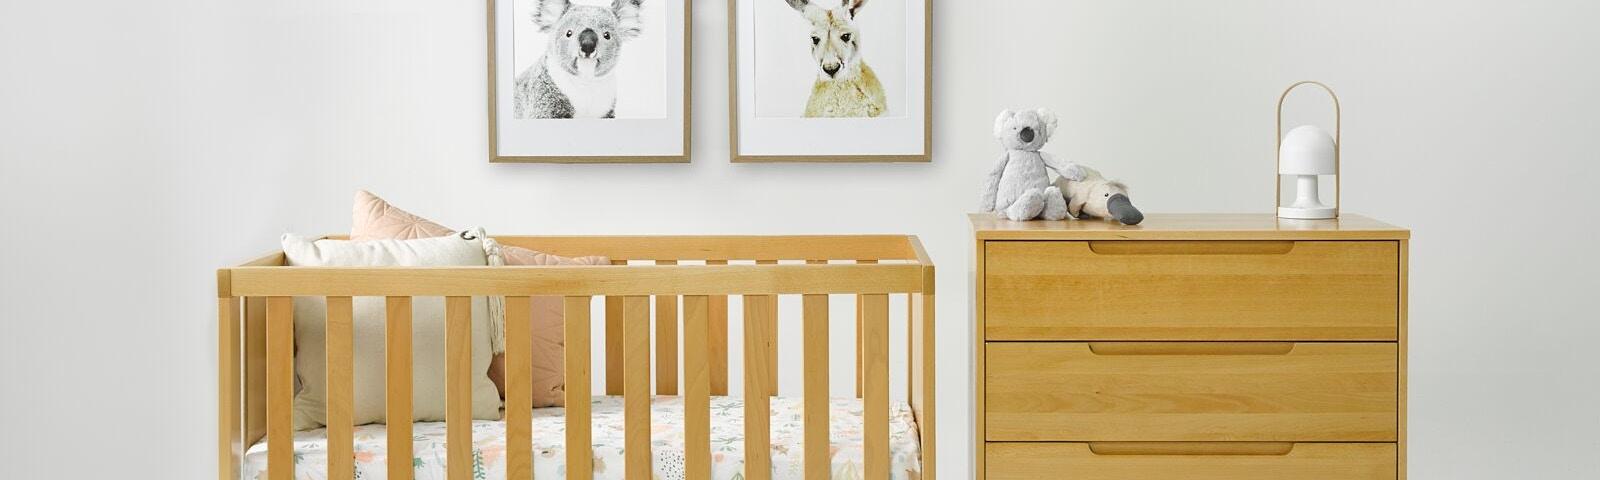 New Nursery Furniture